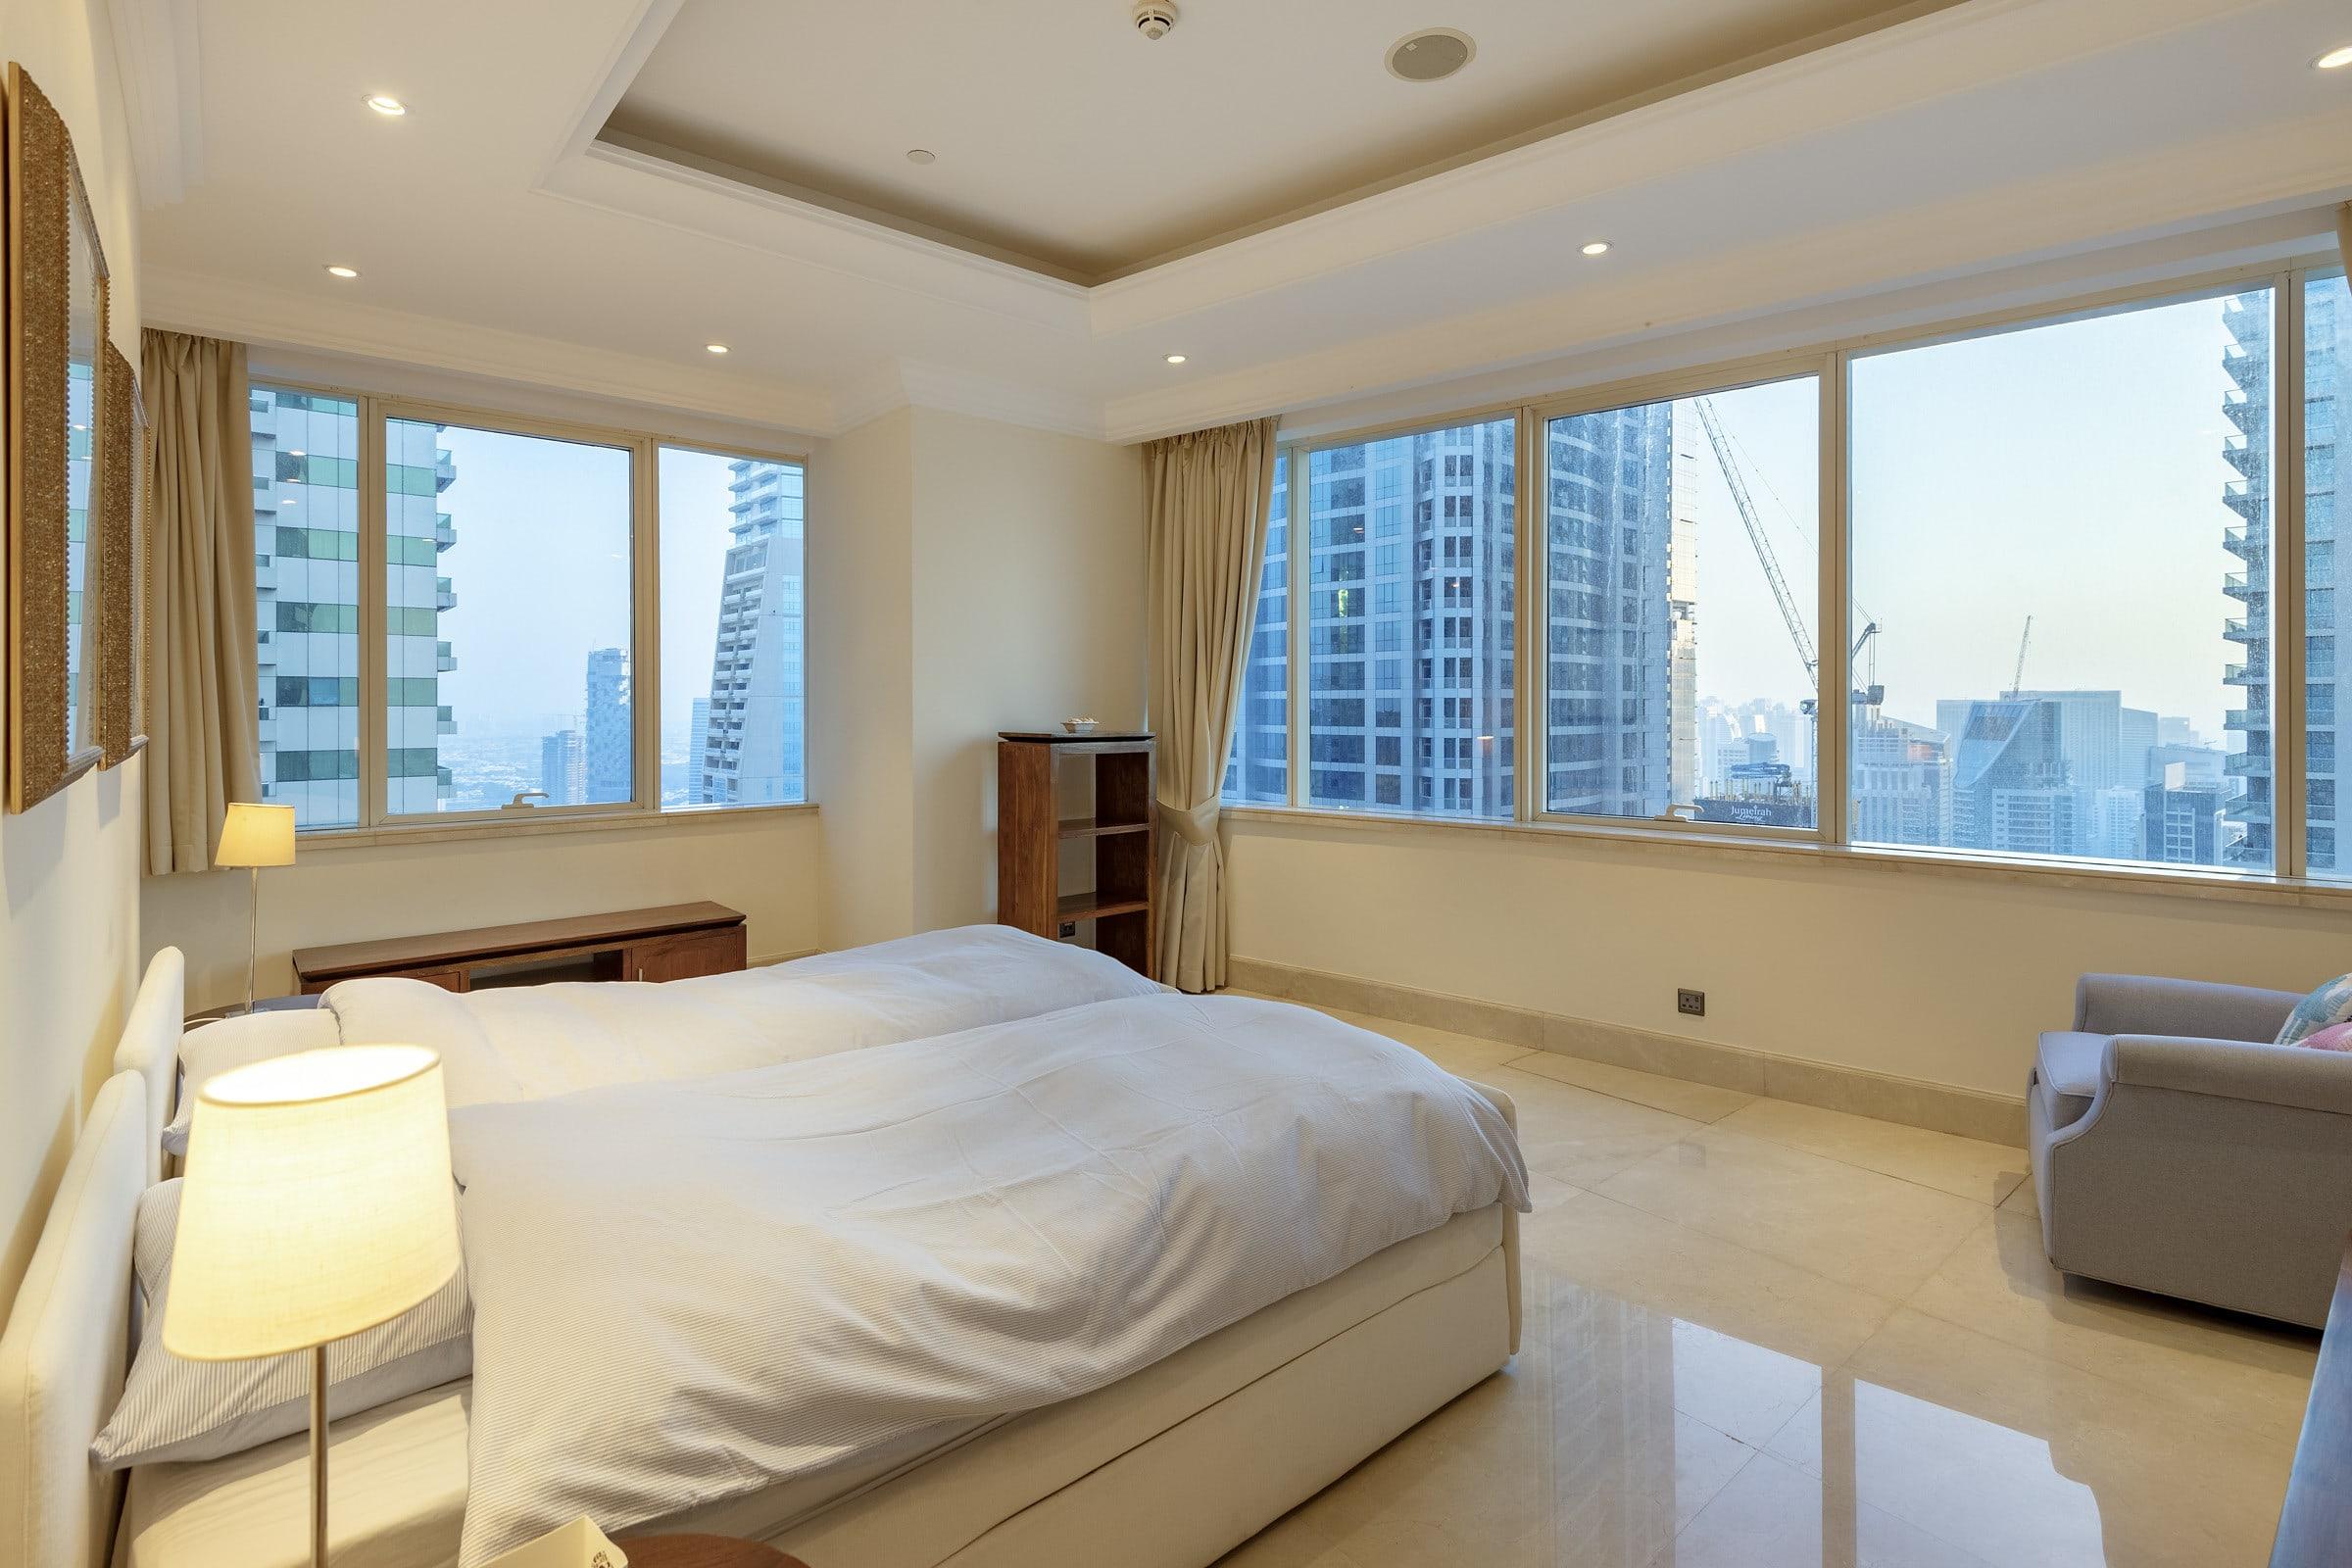 Le Reve | Penthouse 02 Unit | High floor